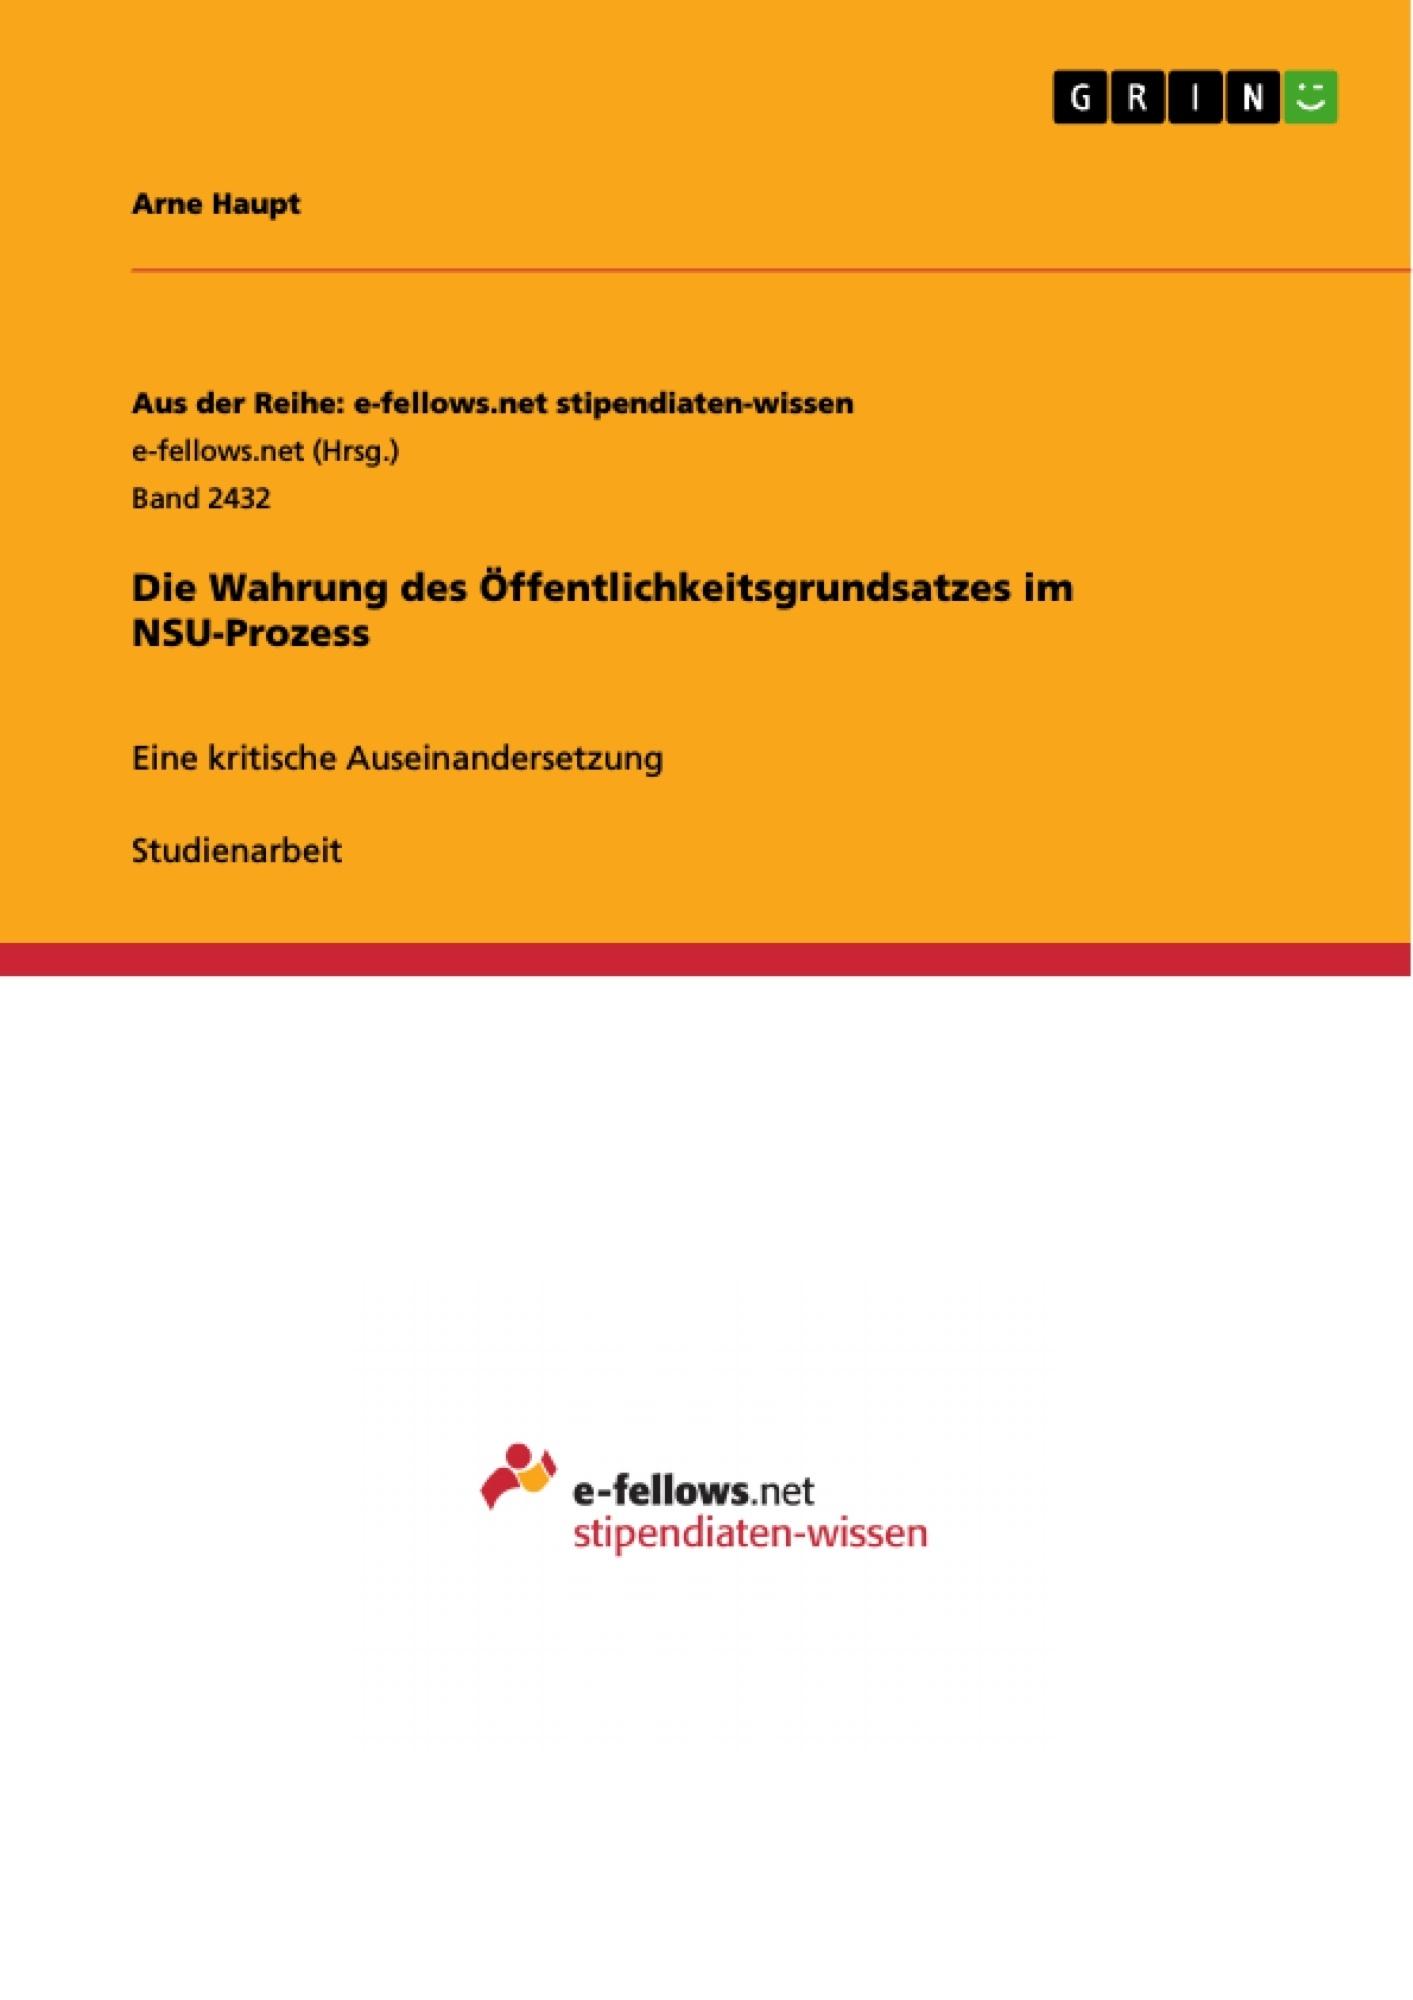 Titel: Die Wahrung des Öffentlichkeitsgrundsatzes im NSU-Prozess